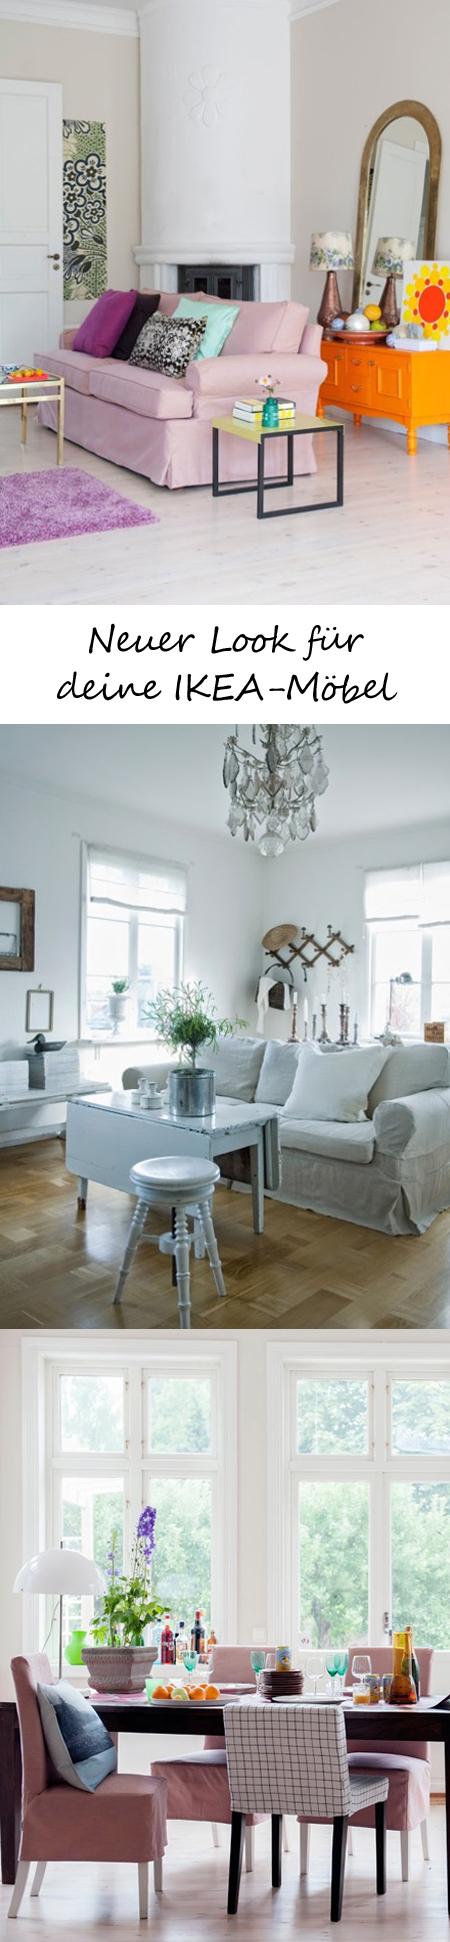 Wohnideen Ikea Möbel coole bezüge neuer look für ihre ikea möbel handicraft creative